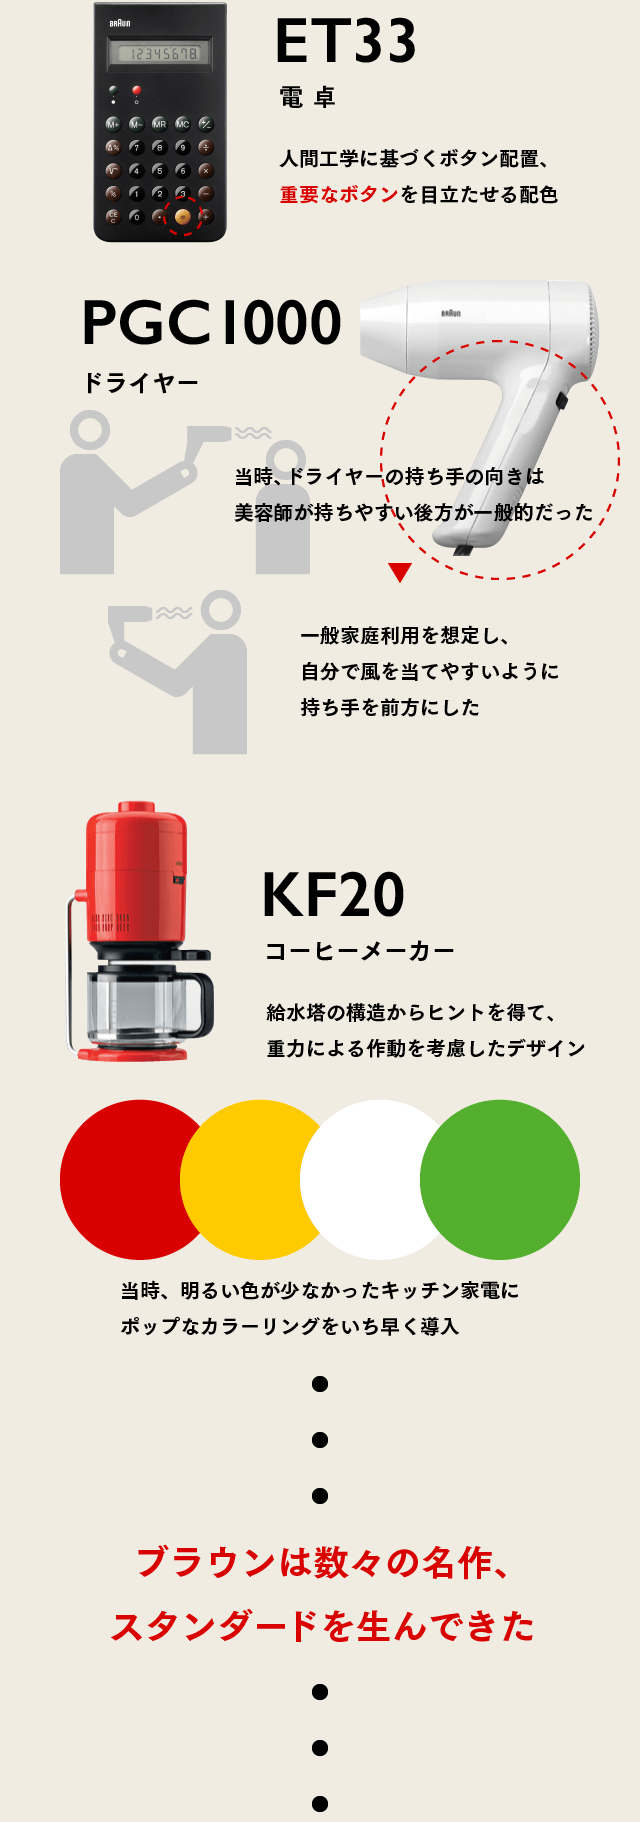 【マスター】ブラウンインフォグラフィック_20151124-06